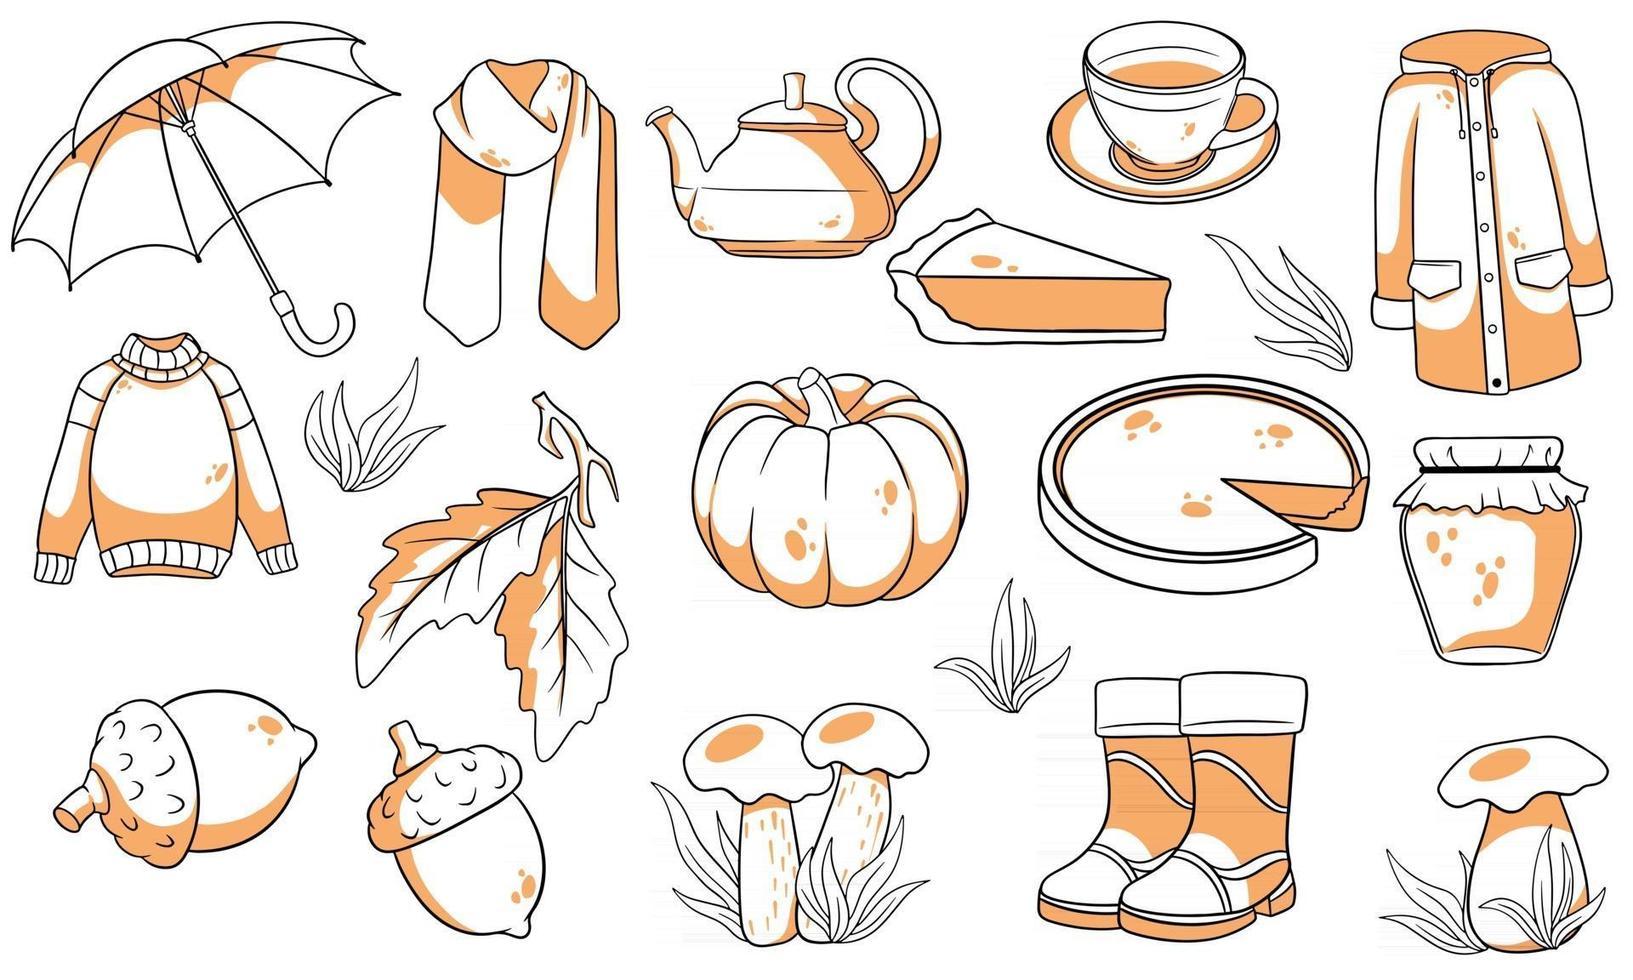 Herbst eingestellt. große Sammlung von Herbstartikeln. vektor